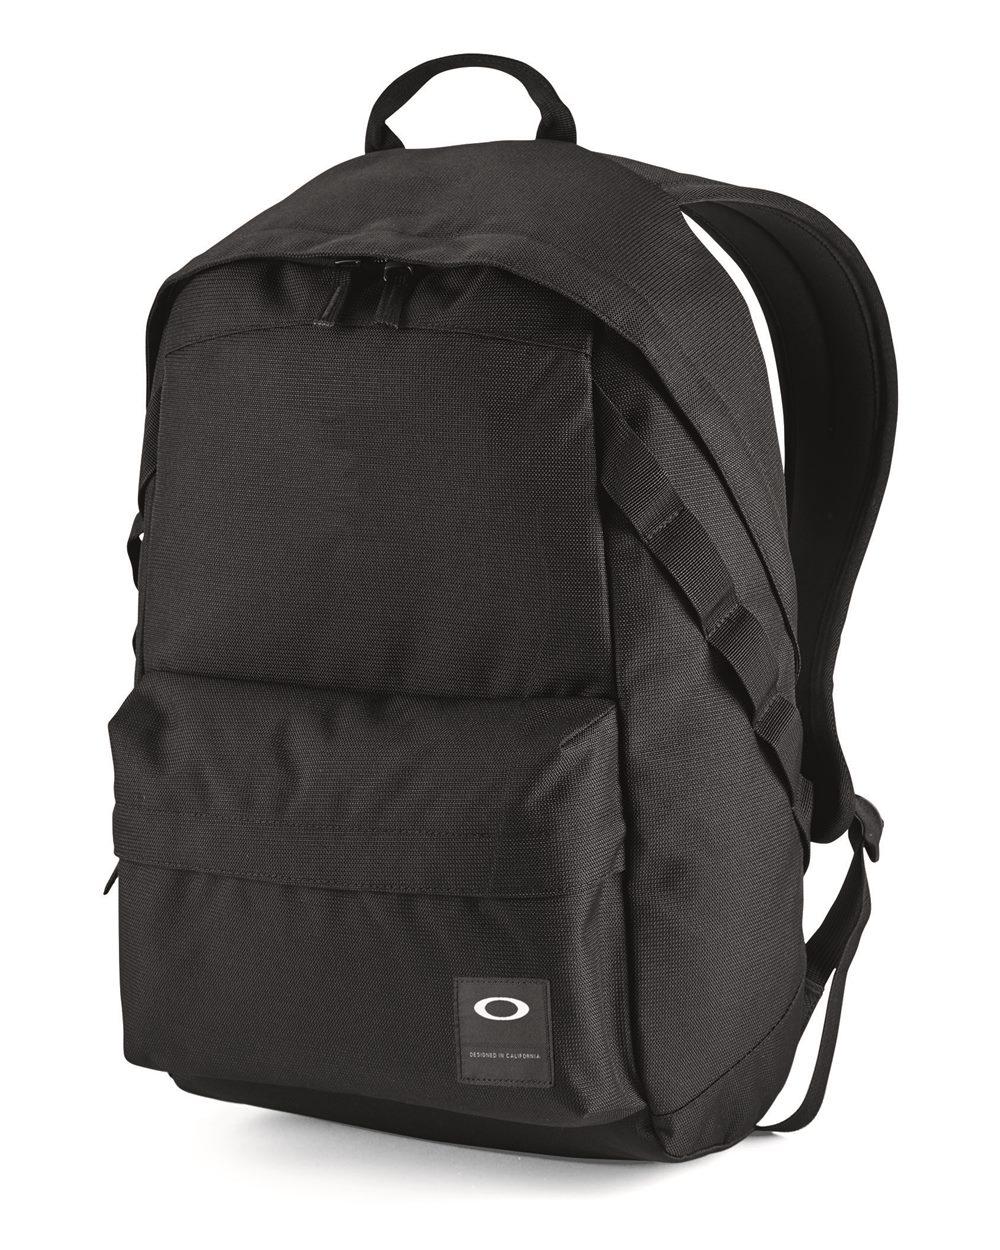 Oakley 921013ODM - 20L Holbrook Backpack